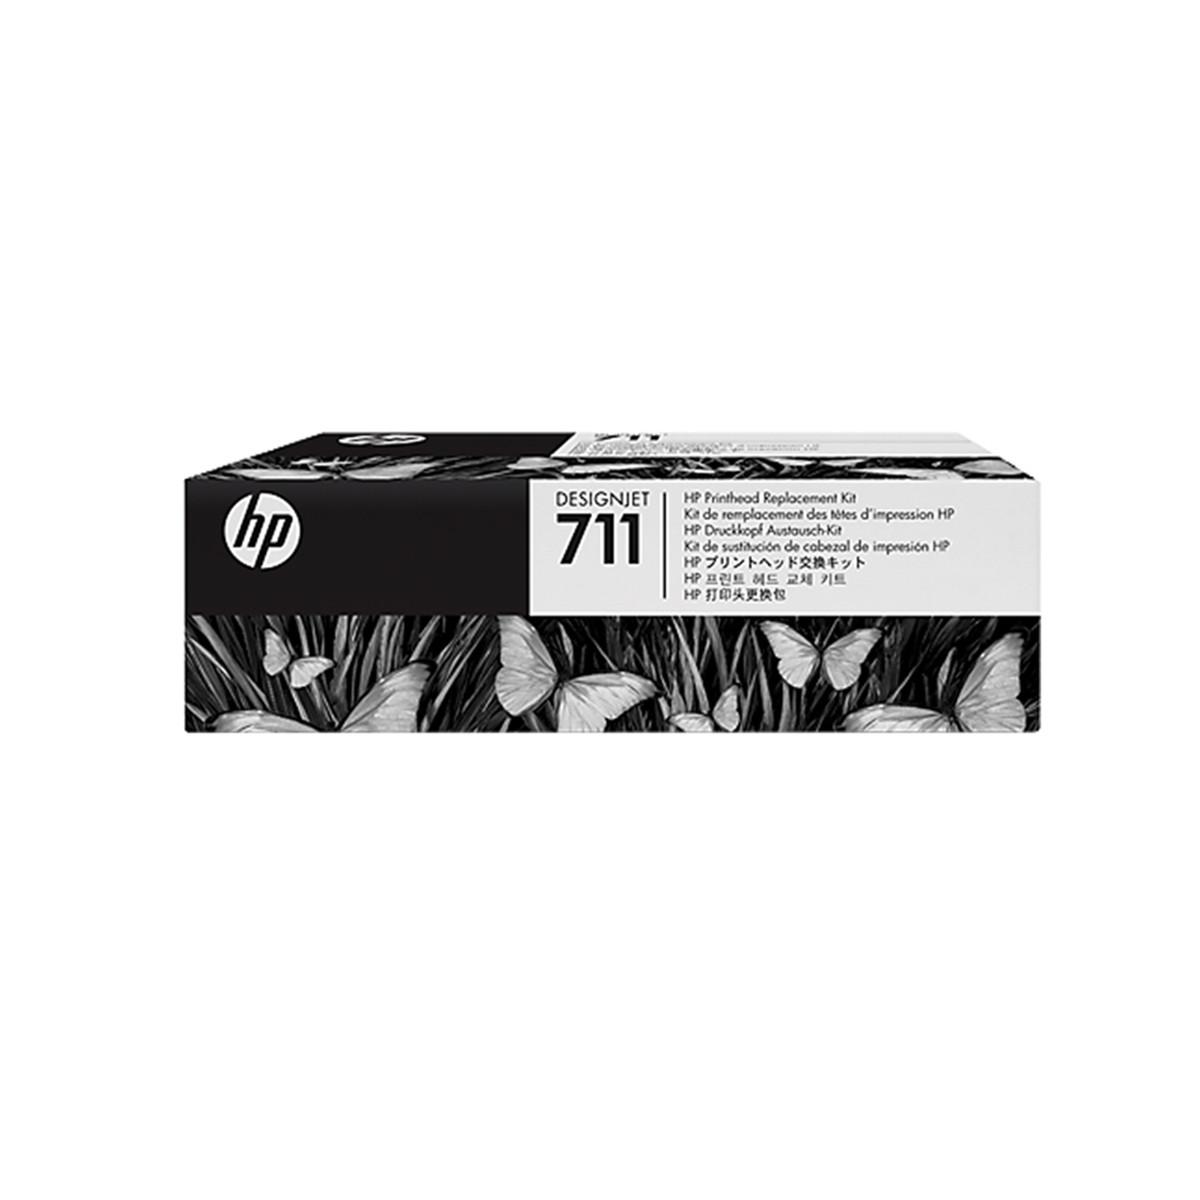 Kit de Substituição de Cabeça de Impressão HP 711 | T120 T520 T130 | C1Q10A | Original